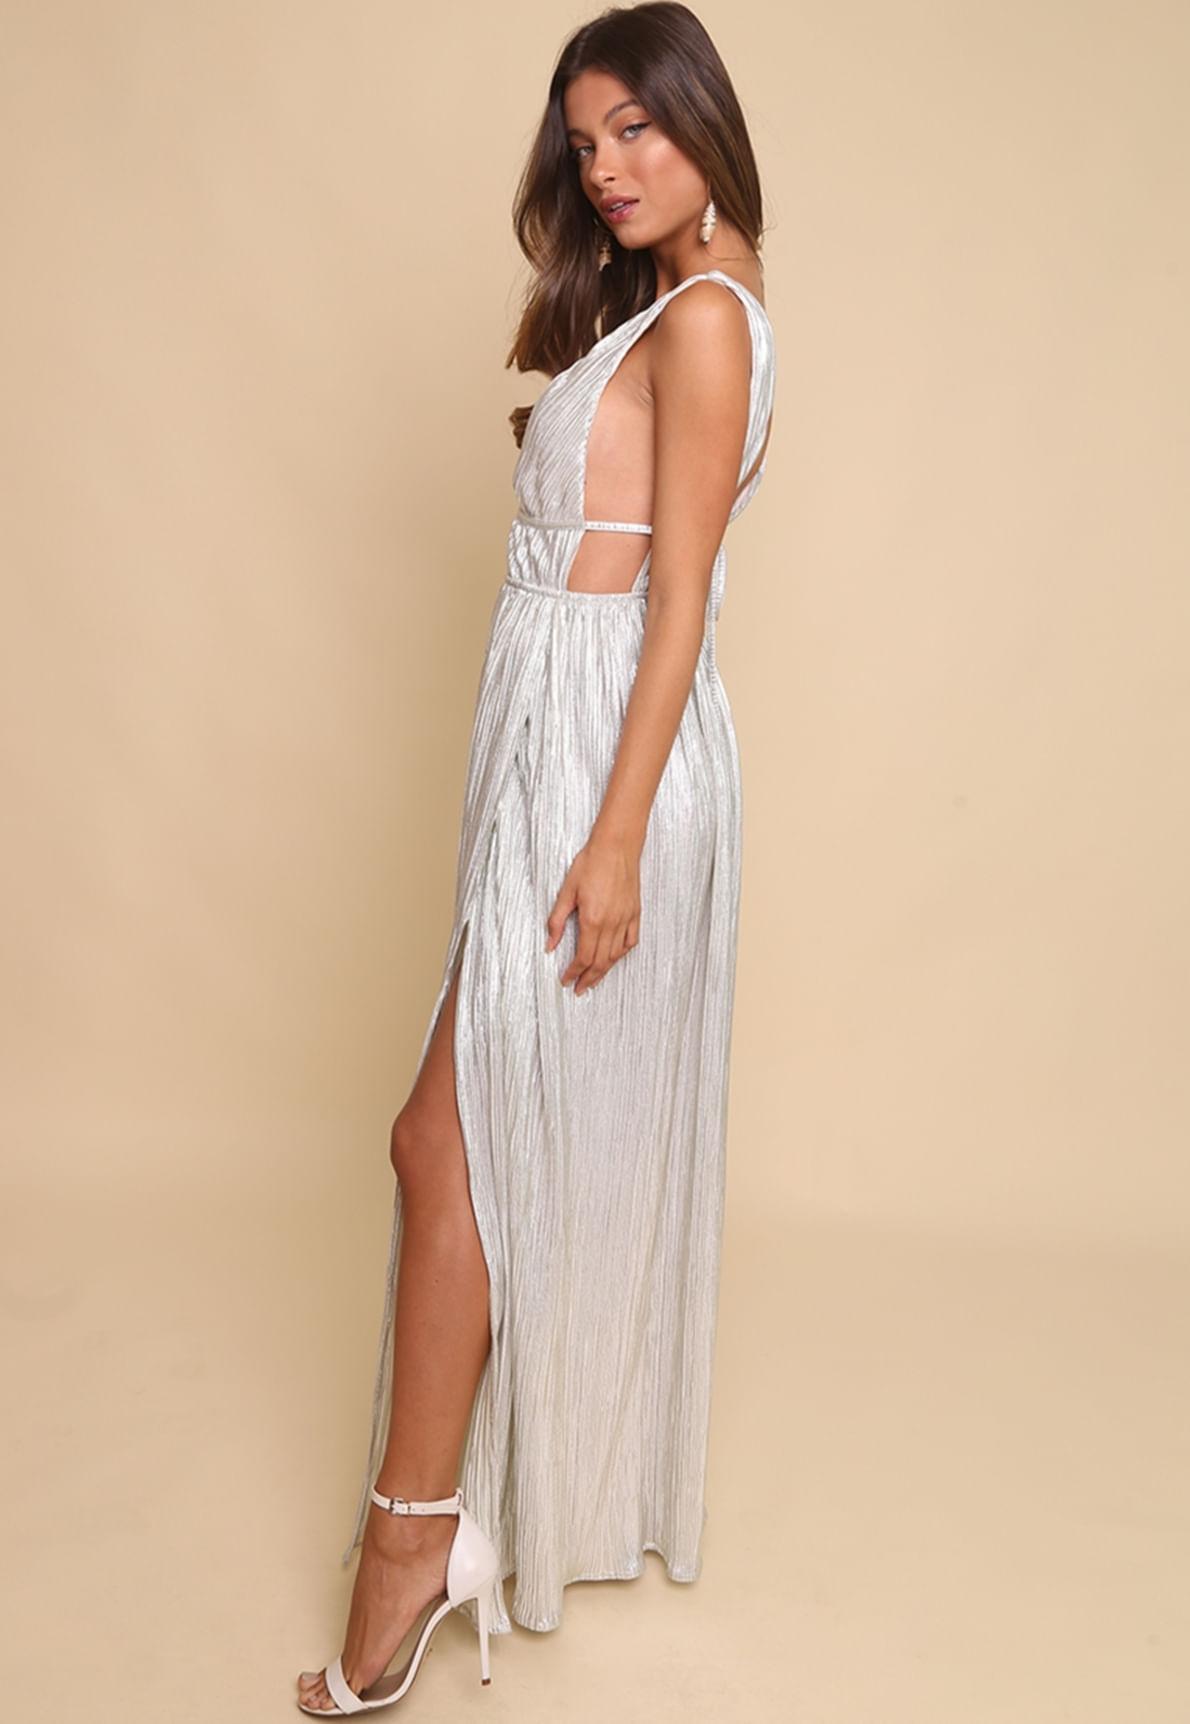 30162-vestido-longo-plissado-analua-mundo-lolita-05